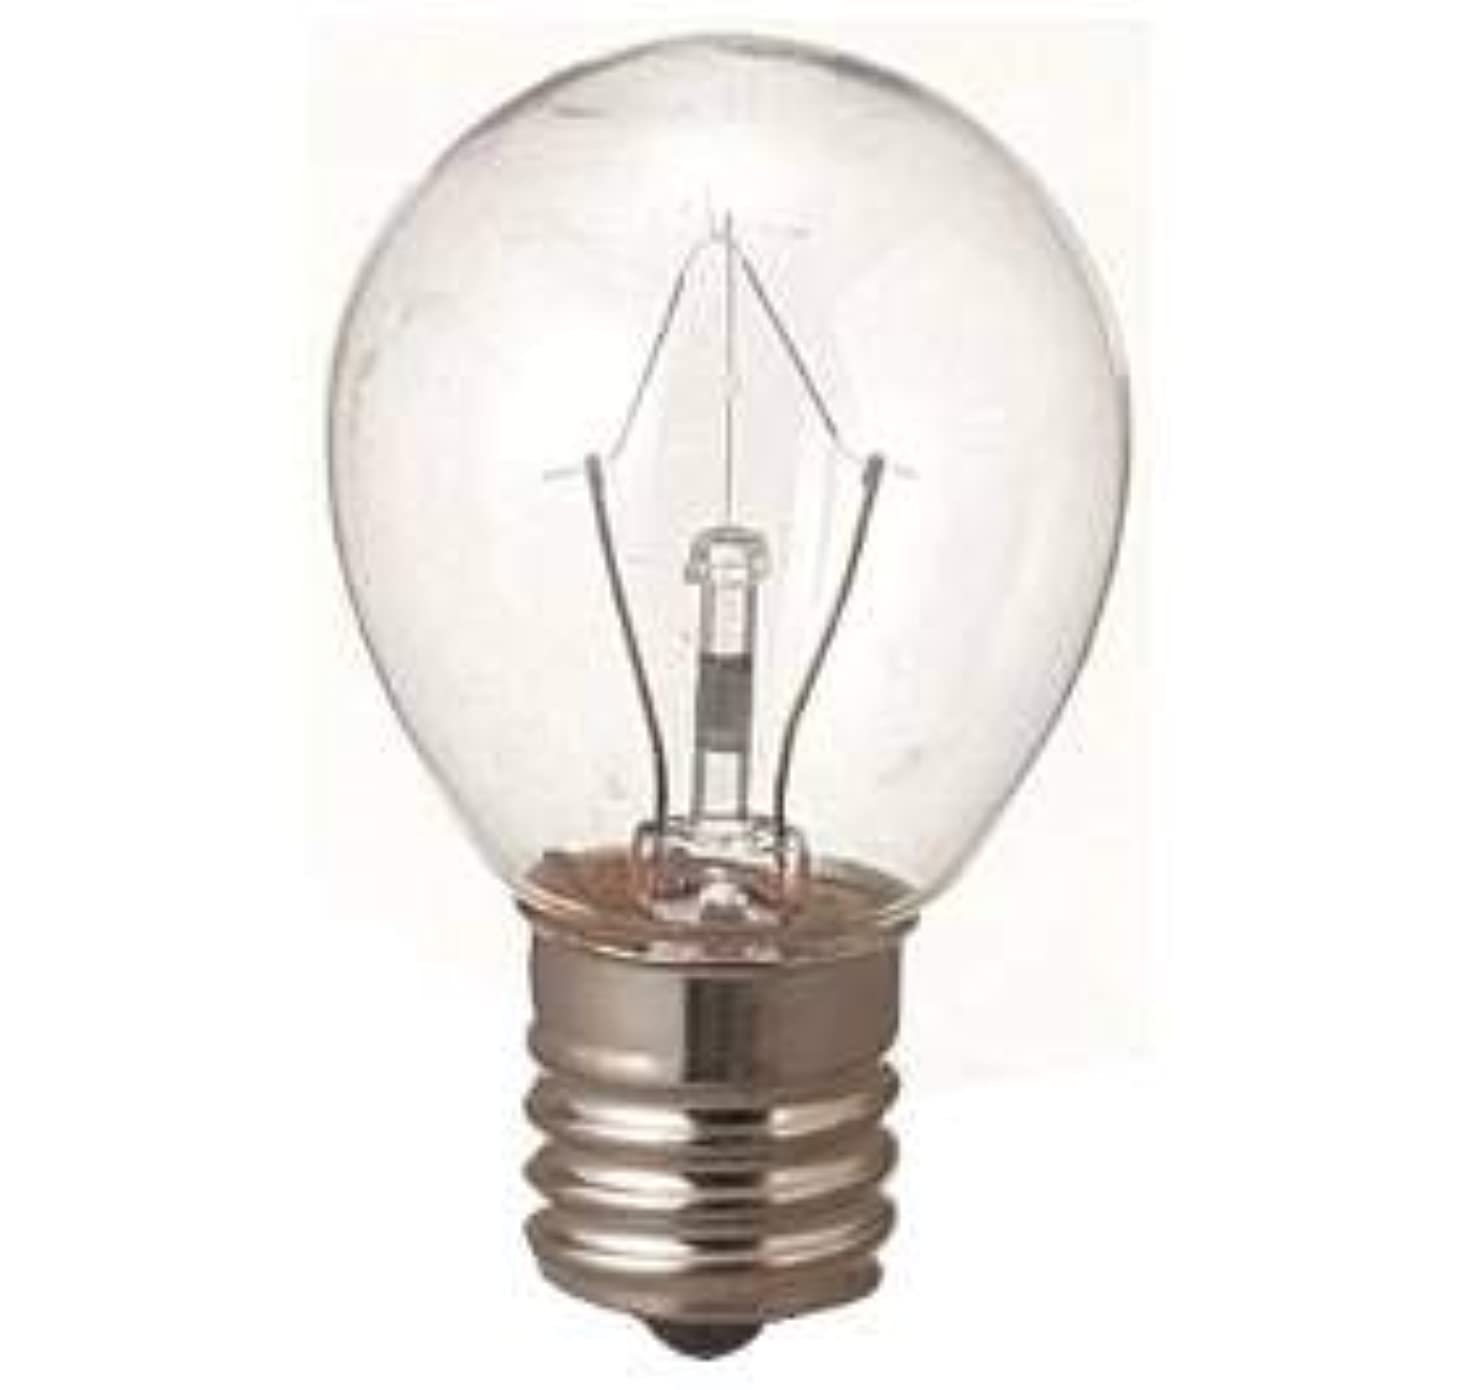 あなたはフラッシュのように素早く近所の生活の木 アロマランプM用 電球15W(サイズ:φ23×H50mm)